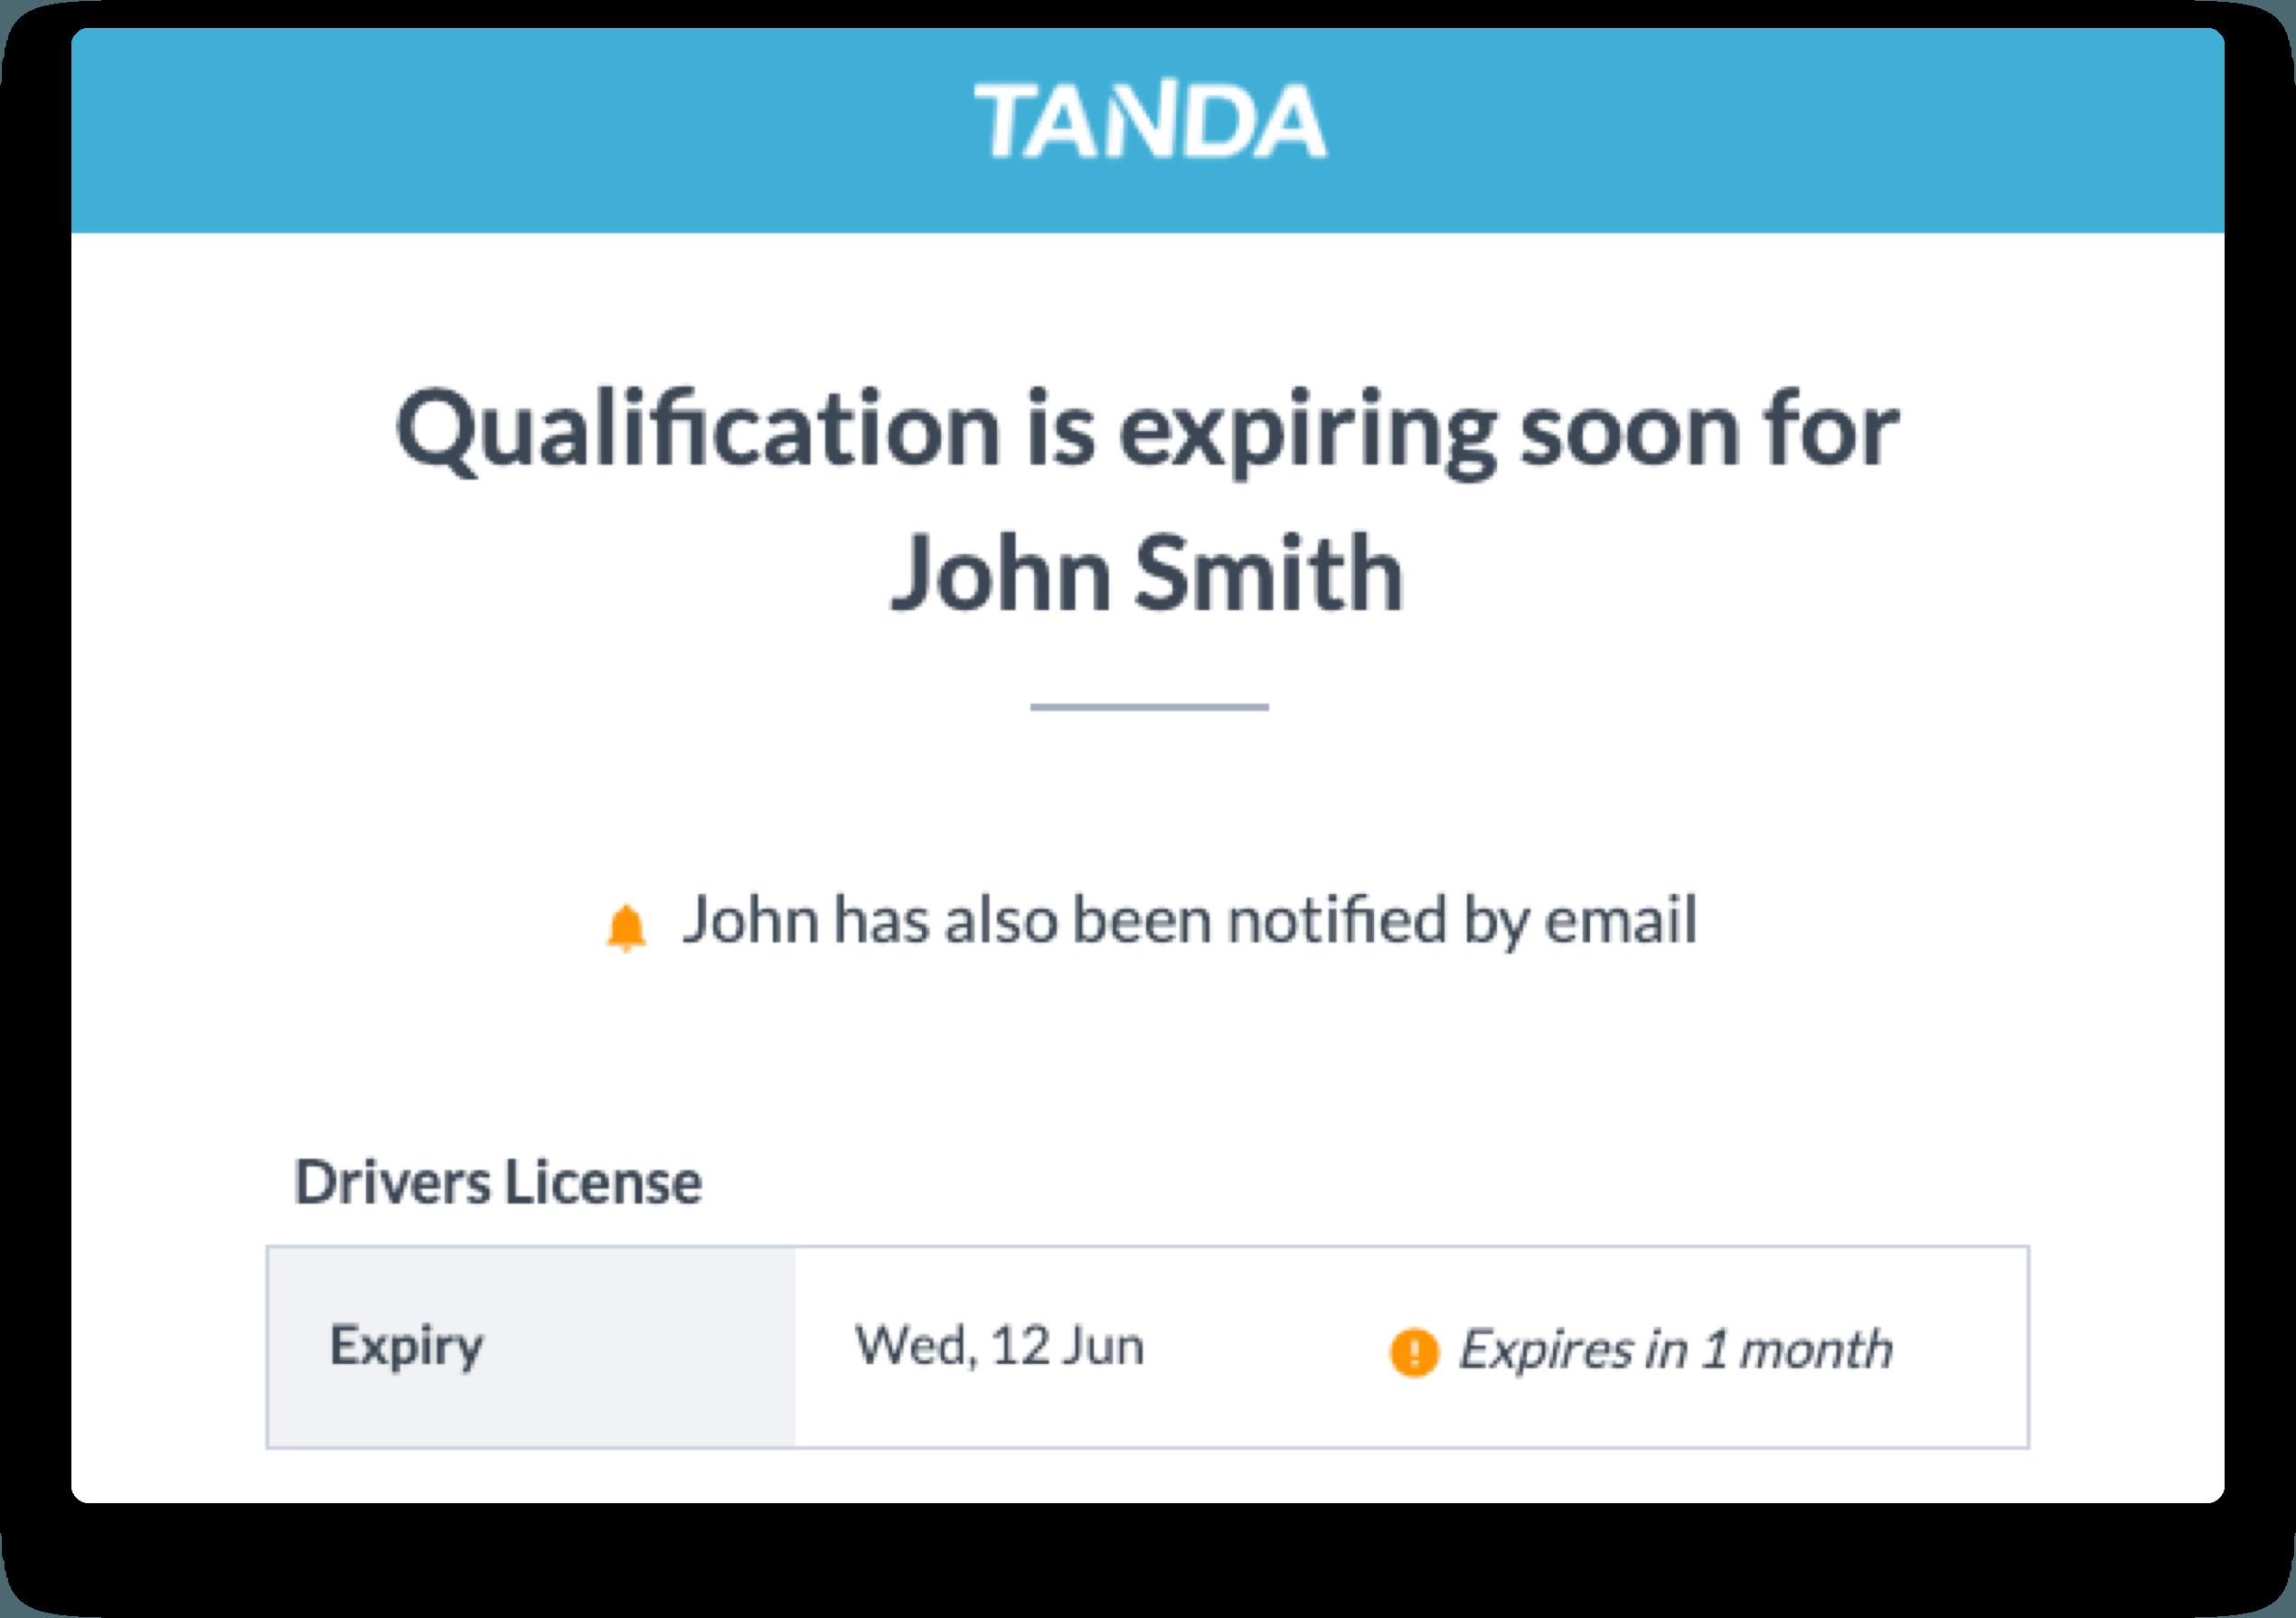 qualification expiring